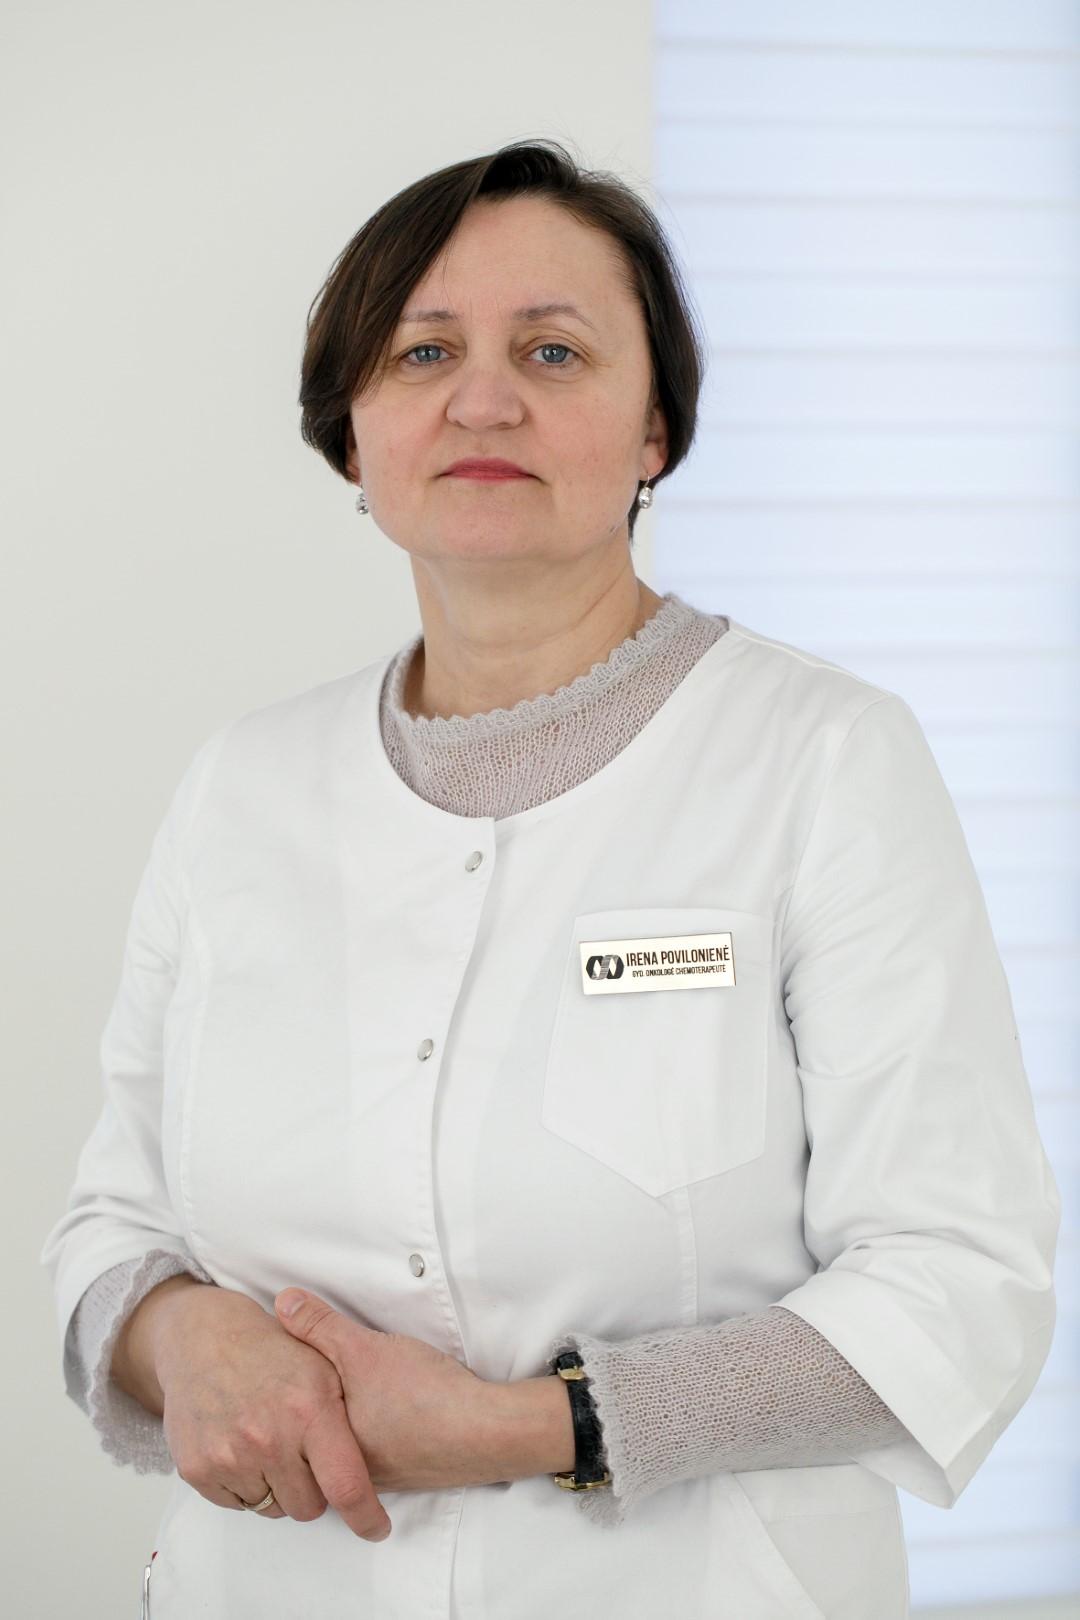 Irena Povilonienė